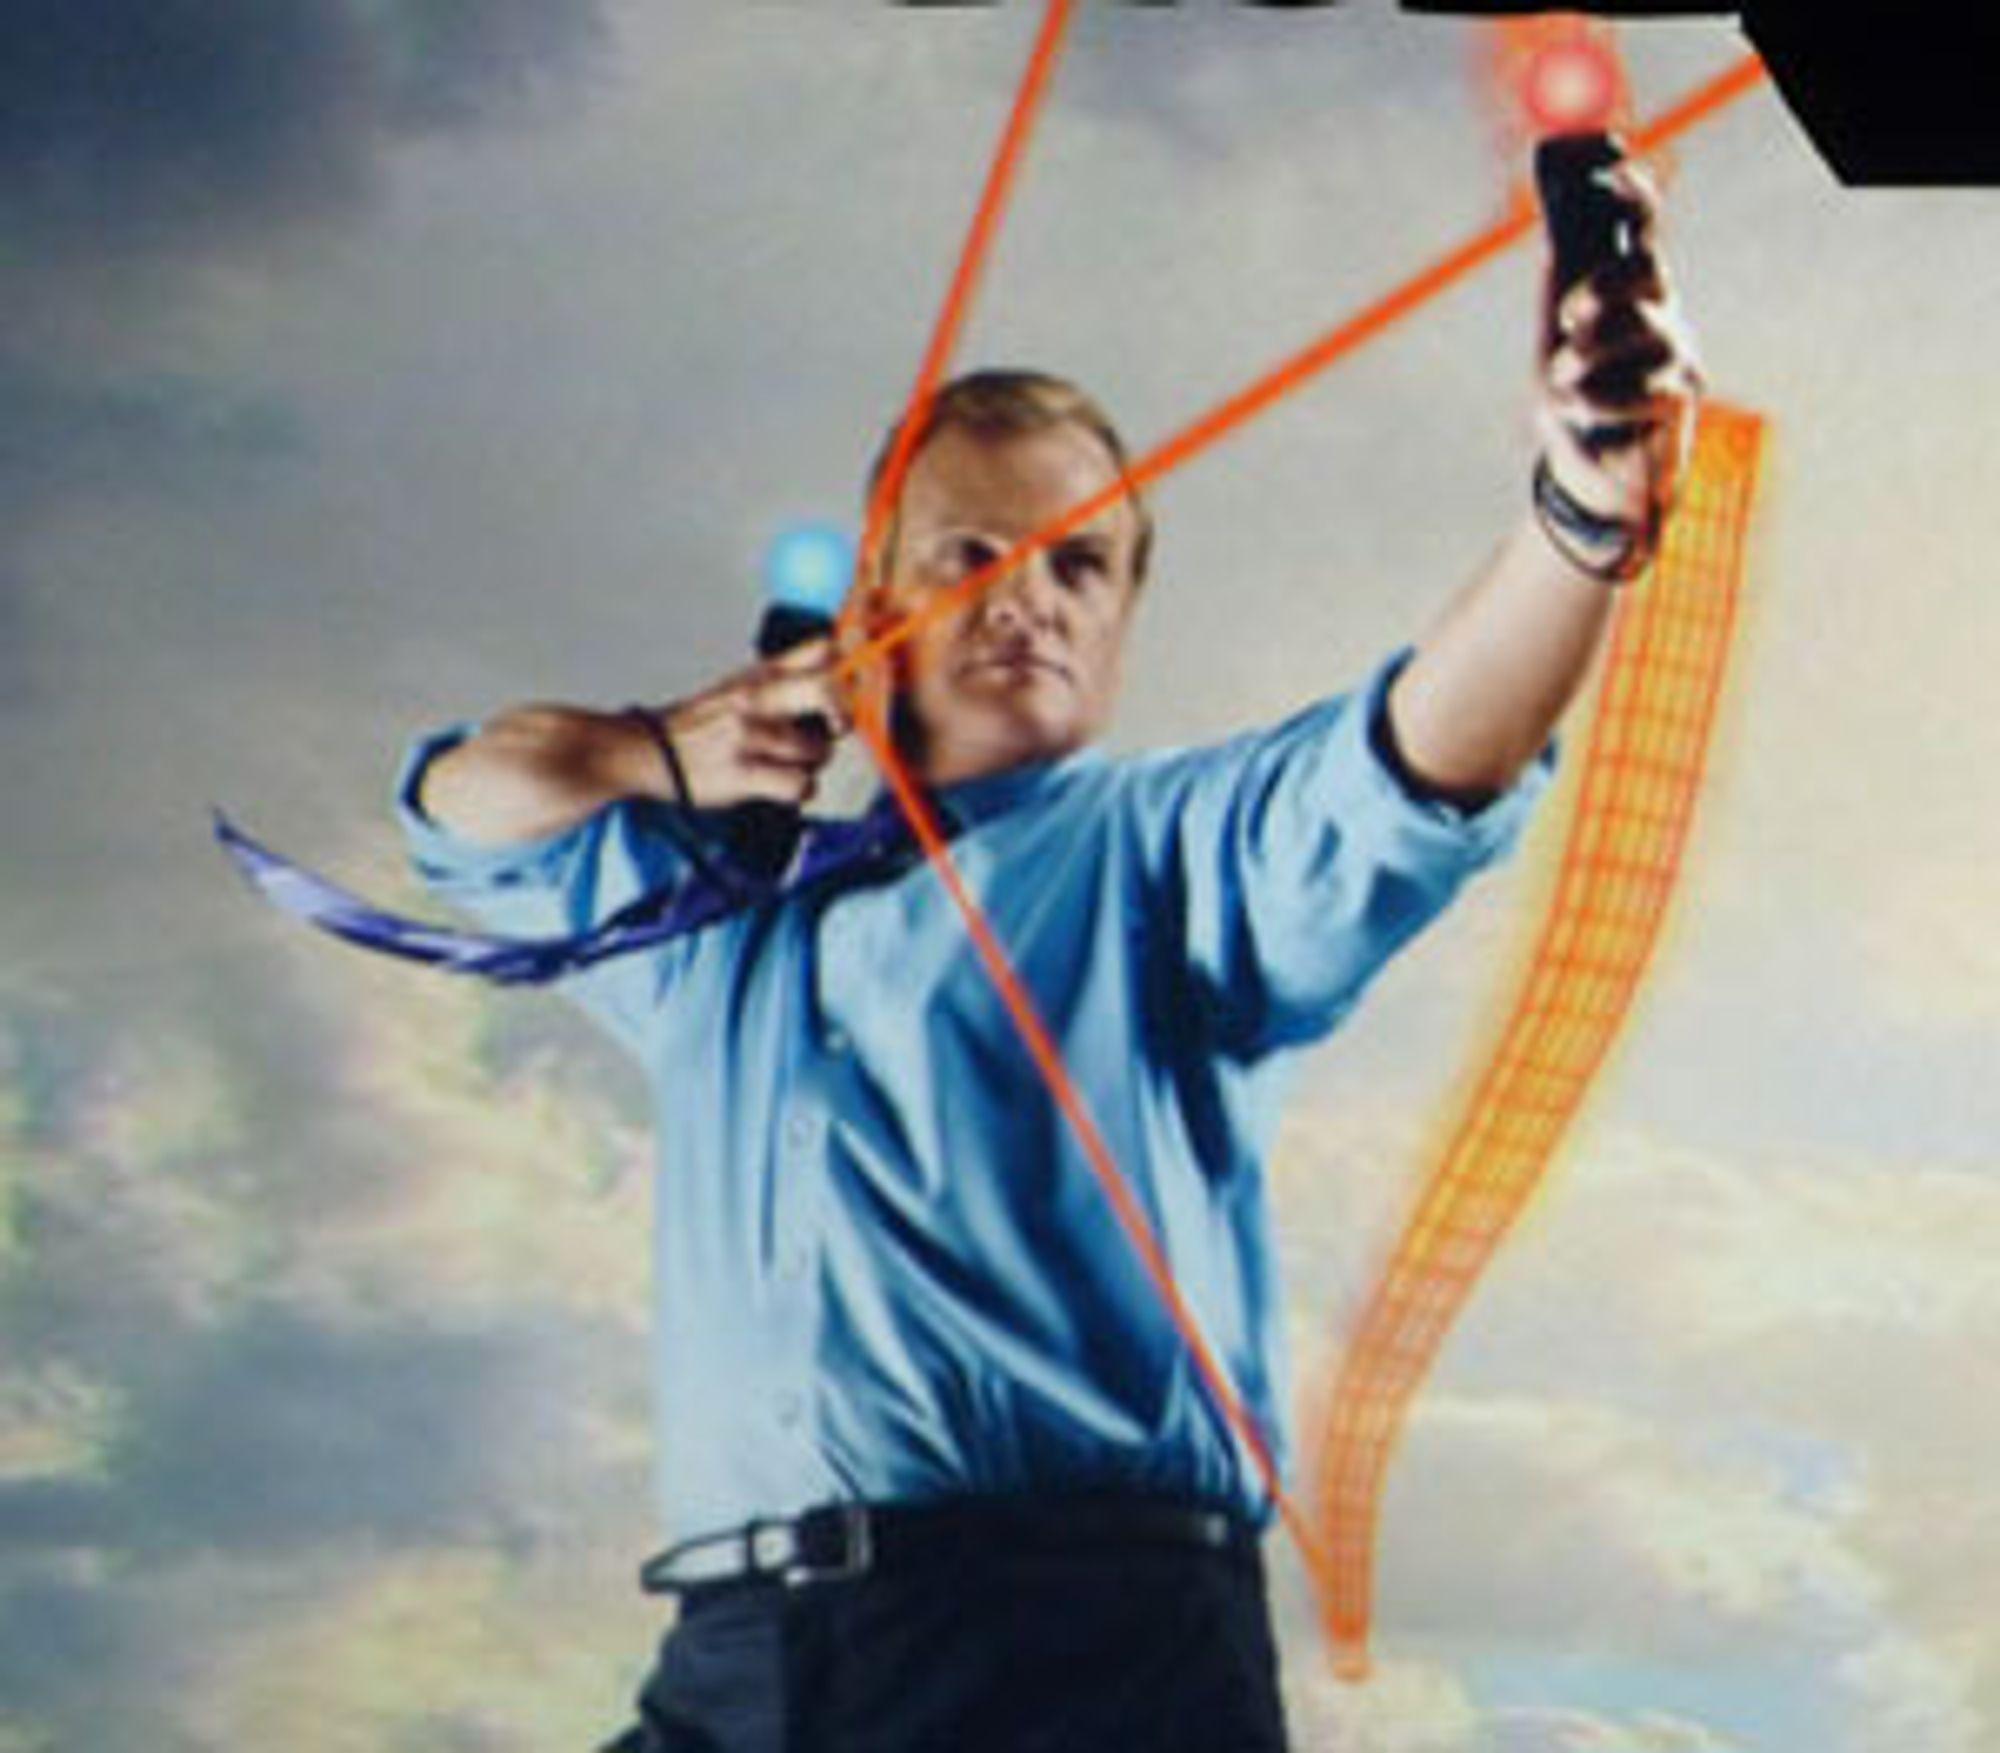 Tøyse-visepresident av blant annet ryktefornektelser hos Sony, Kevin Butler demonstrer korrekt Move-bruk.